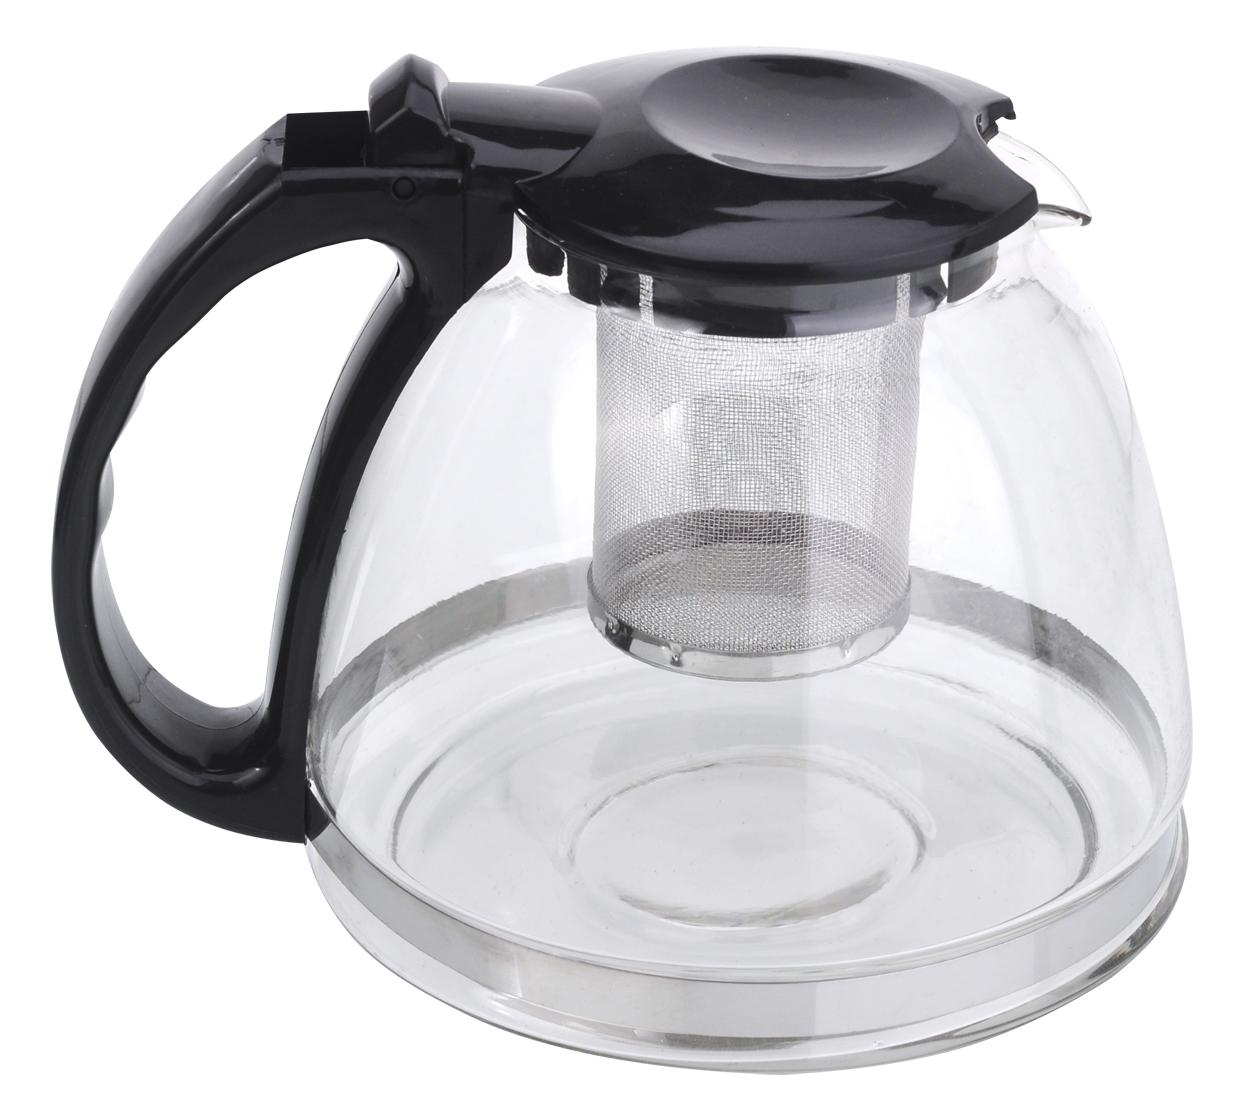 Чайник заварочный МФК-профит, с фильтром, цвет: черный, 1,3 л115510Заварочный чайник МФК-профит предоставит вам все необходимые возможности для успешного заваривания чая. Он изготовлен из термостойкого стекла и оснащен крышкой и ручкой из пластика, также имеется вставка из нержавеющей стали. Чай в таком чайнике дольше остается горячим, а полезные и ароматические вещества полностью сохраняются в напитке. Чайник оснащен фильтром, который выполнен из нержавеющей стали. Простой и удобный чайник поможет вам приготовить крепкий, ароматный чай. Нельзя мыть в посудомоечной машине. Не использовать в микроволновой печи.